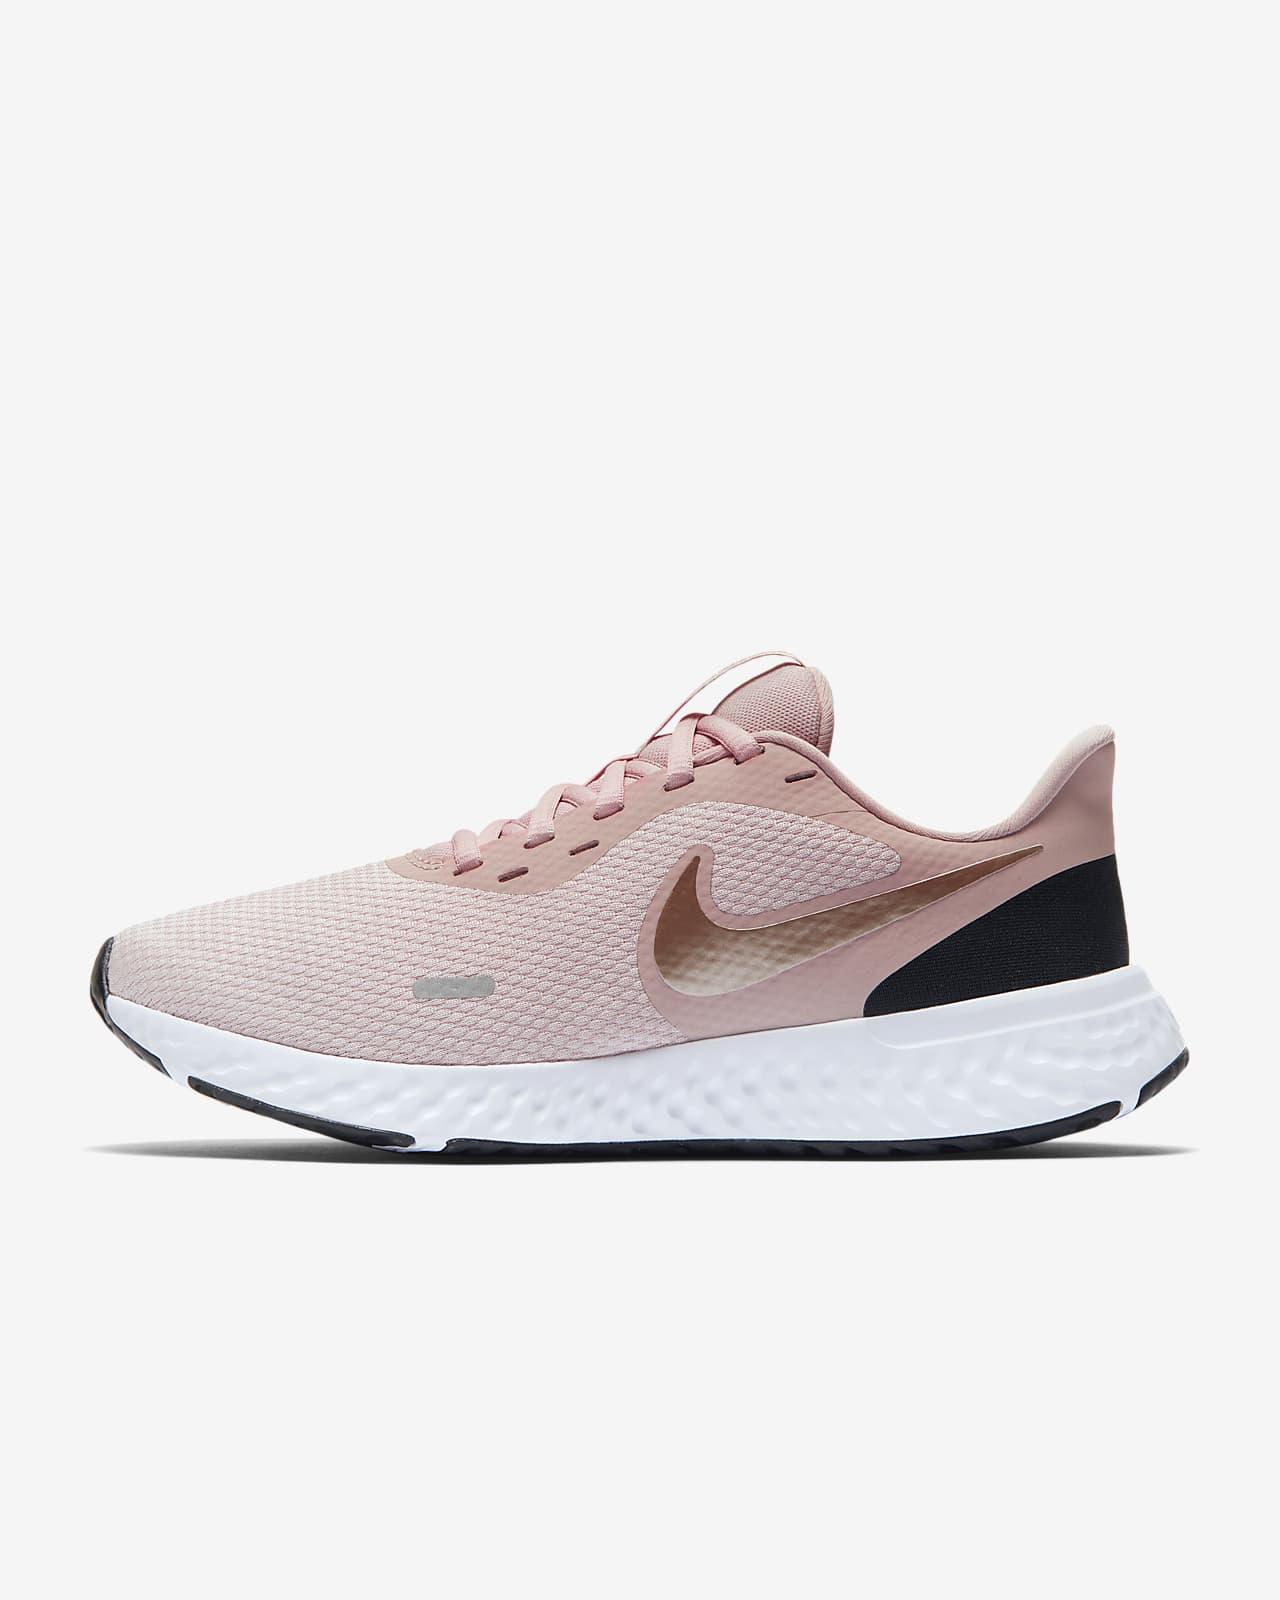 Calzado de running para carretera para mujer Nike Revolution 5